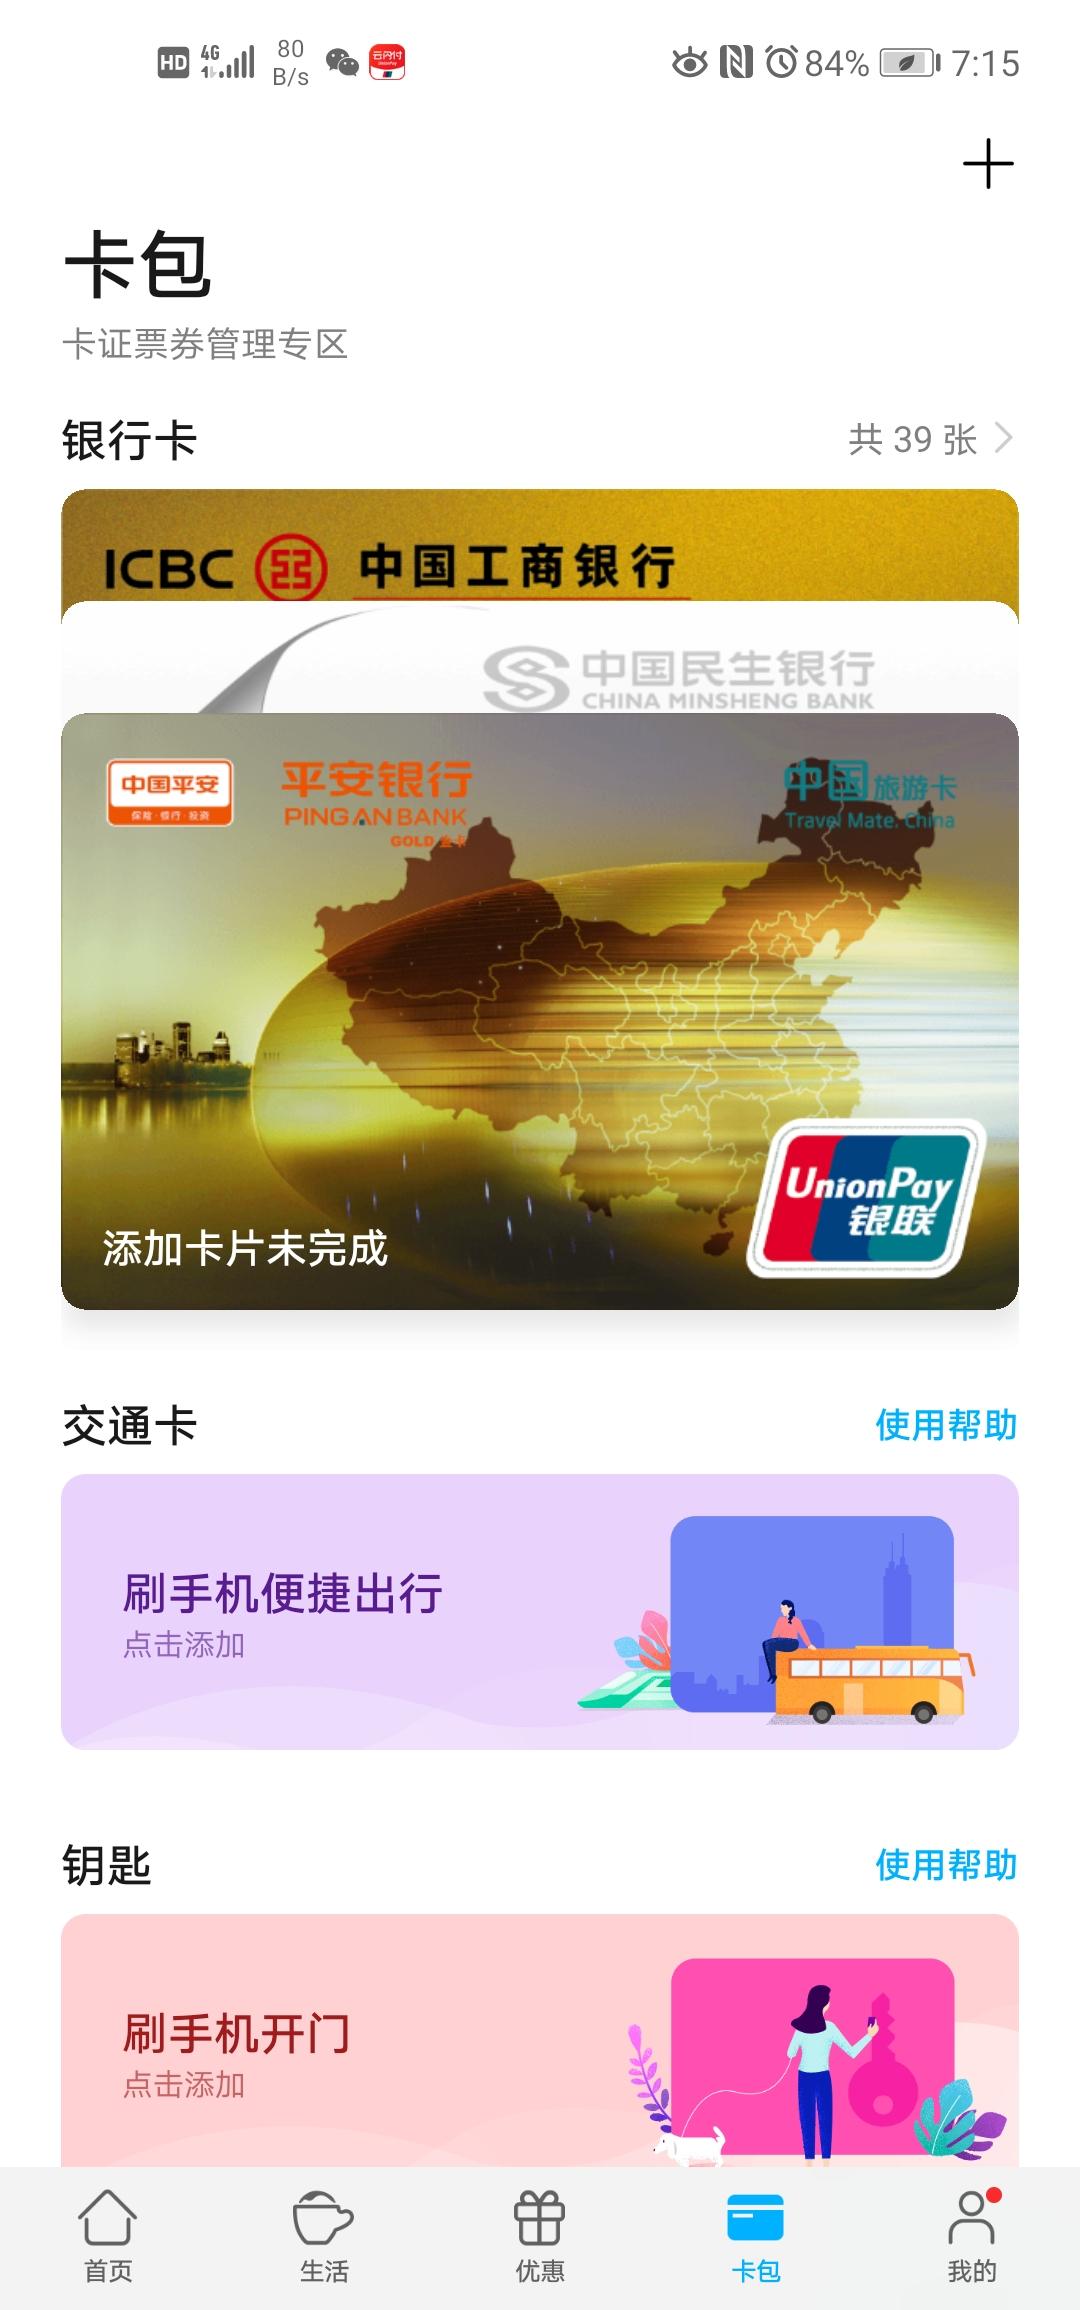 Screenshot_20200427_071539_com.huawei.wallet.jpg